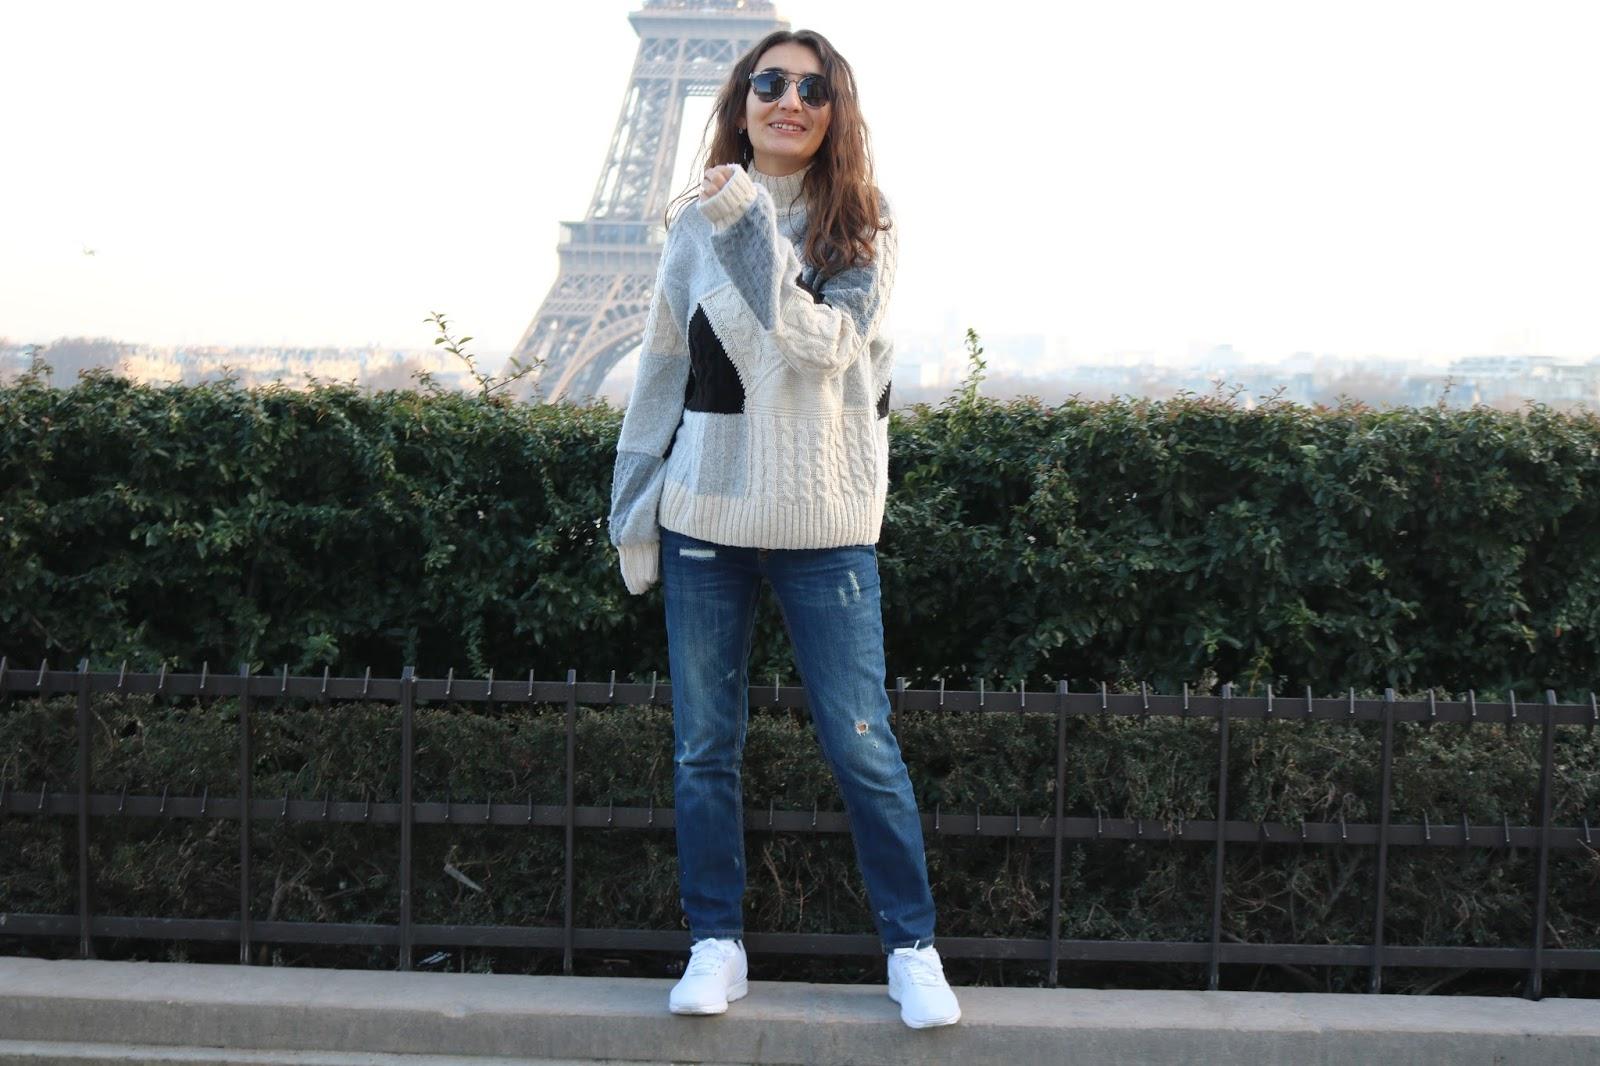 blog blogger blogging comment augmenter son lectorat mode fashion lifestyle comment développer son blog faire connaitre son blog l'importance des réseaux sociaux aggrandir les lecteurs toucher plus de monde référencement SEO s'habiller quand il fait froid adidas Isabel Marant topshop patchwork